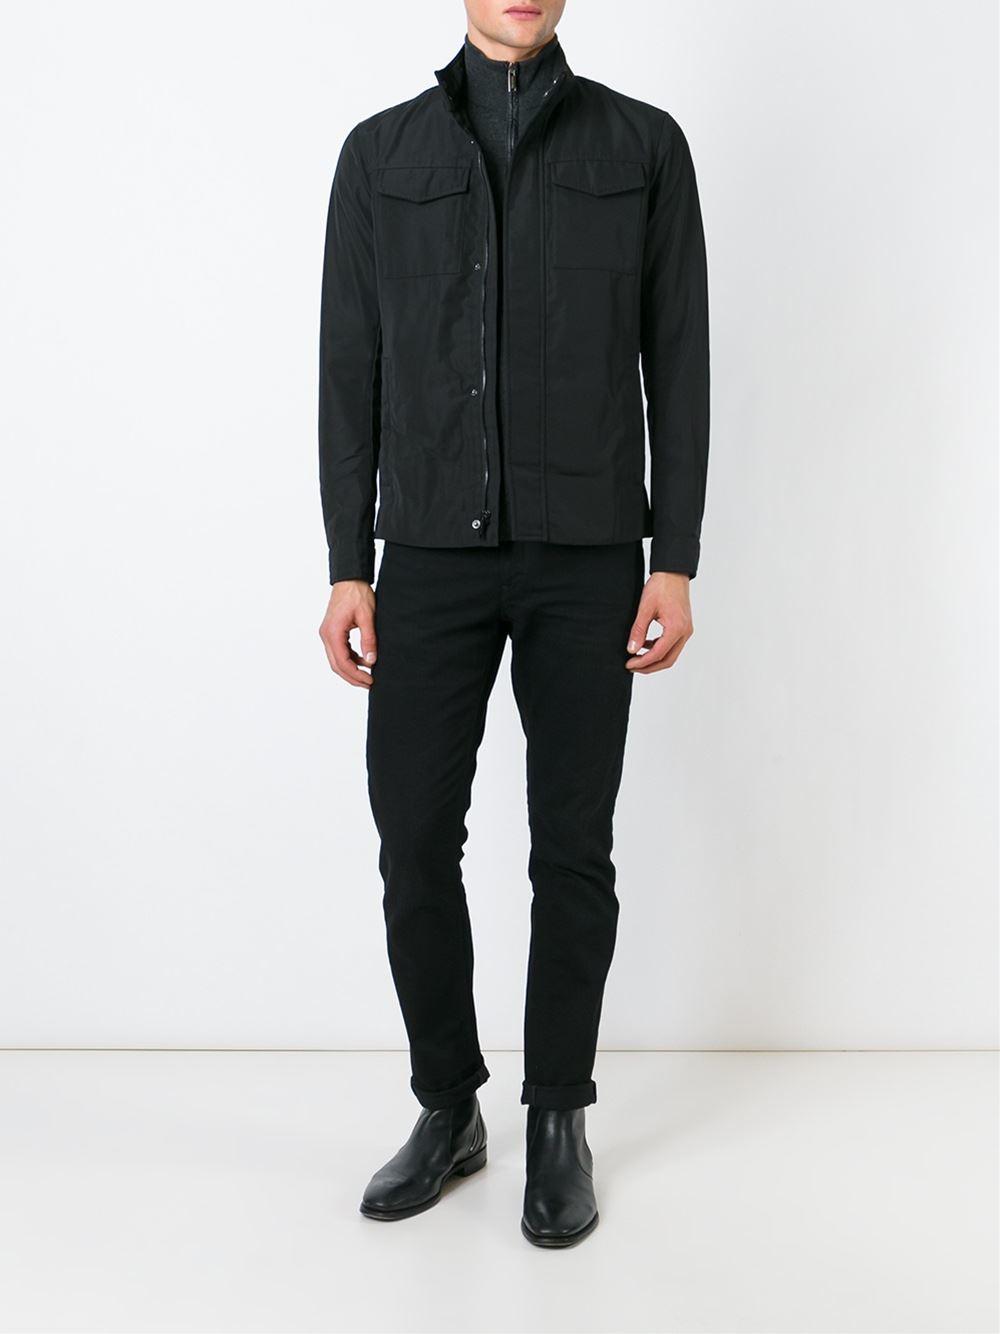 Michael Kors Flap Pockets Jacket in Black for Men